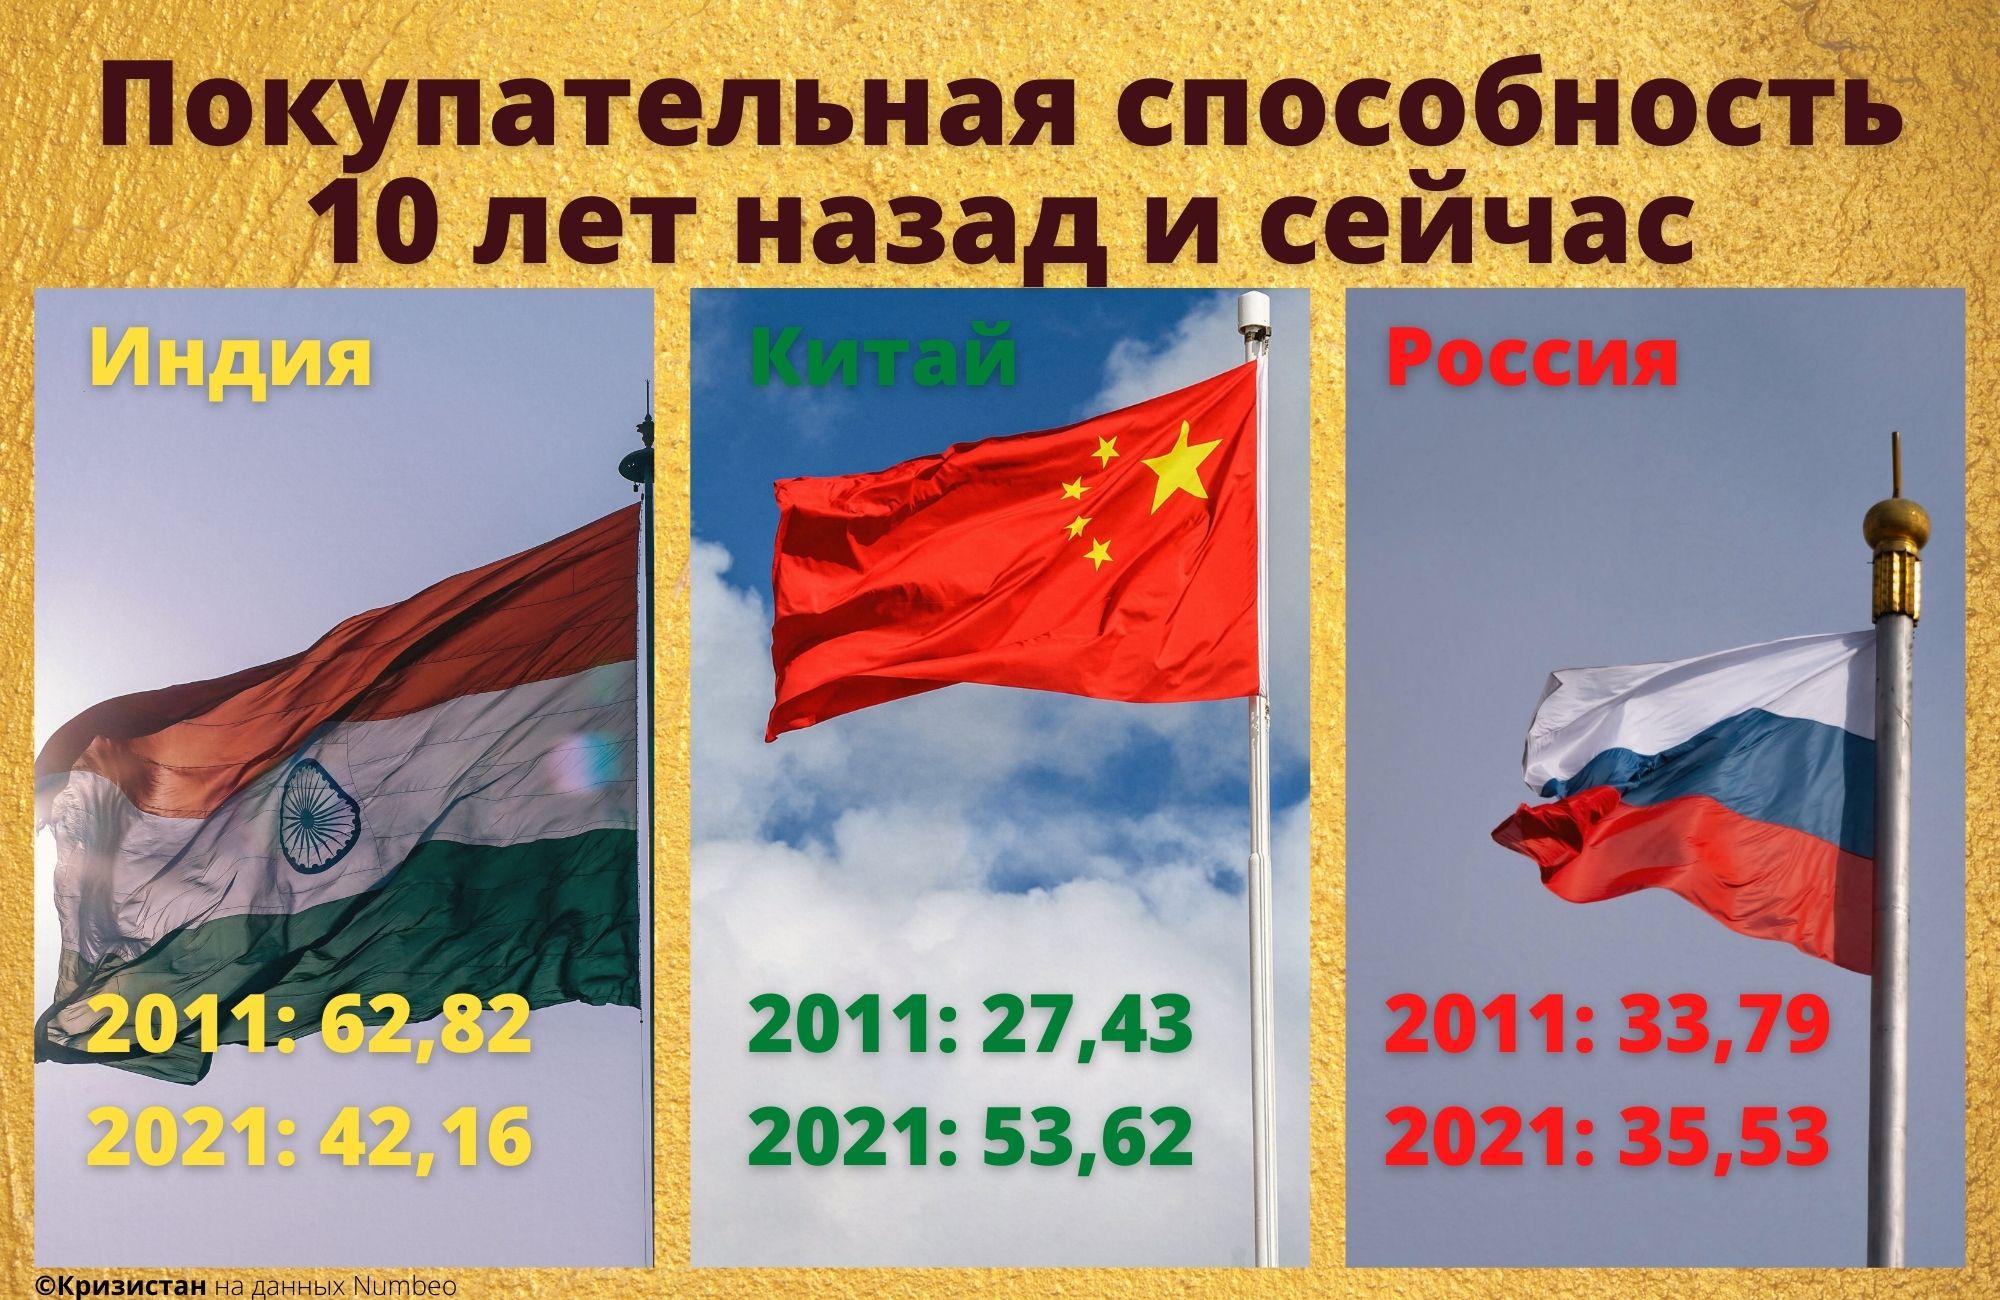 Покупательная способность населения в Индии, РФ и Китае 2011-2021 год